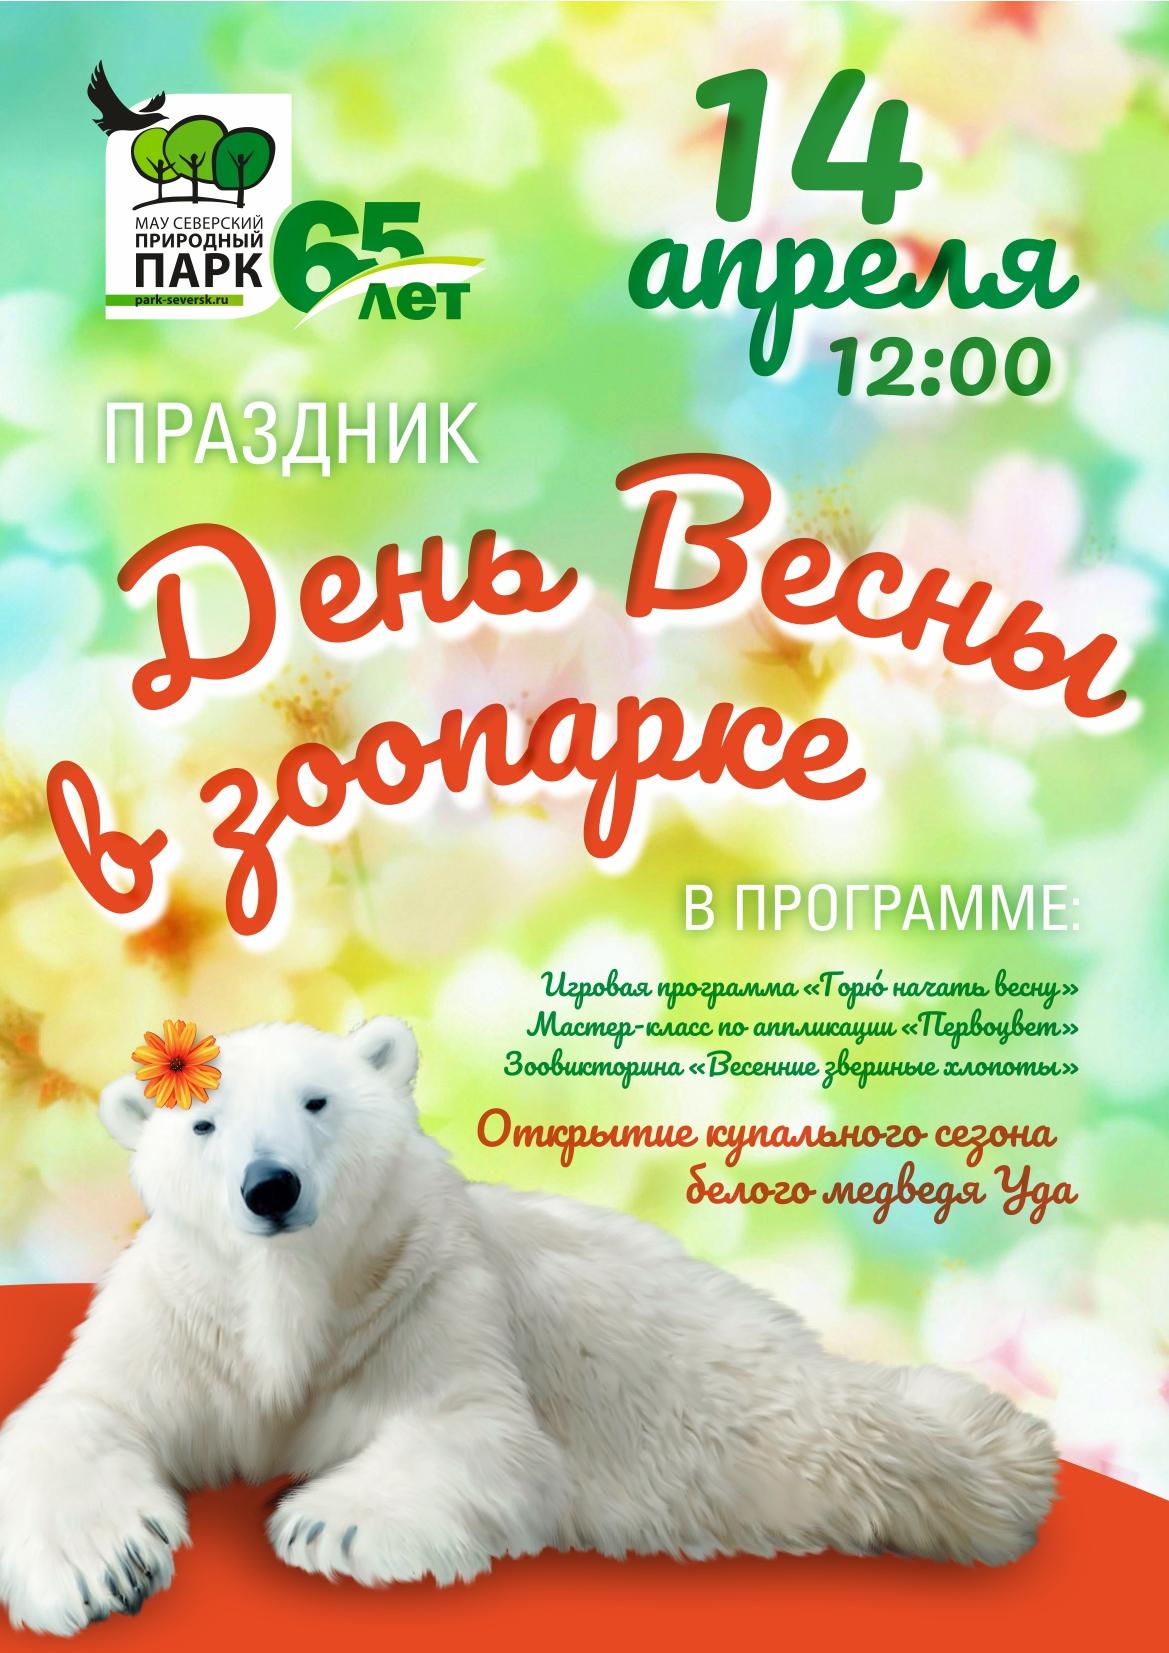 Праздник «День Весны в зоопарке»